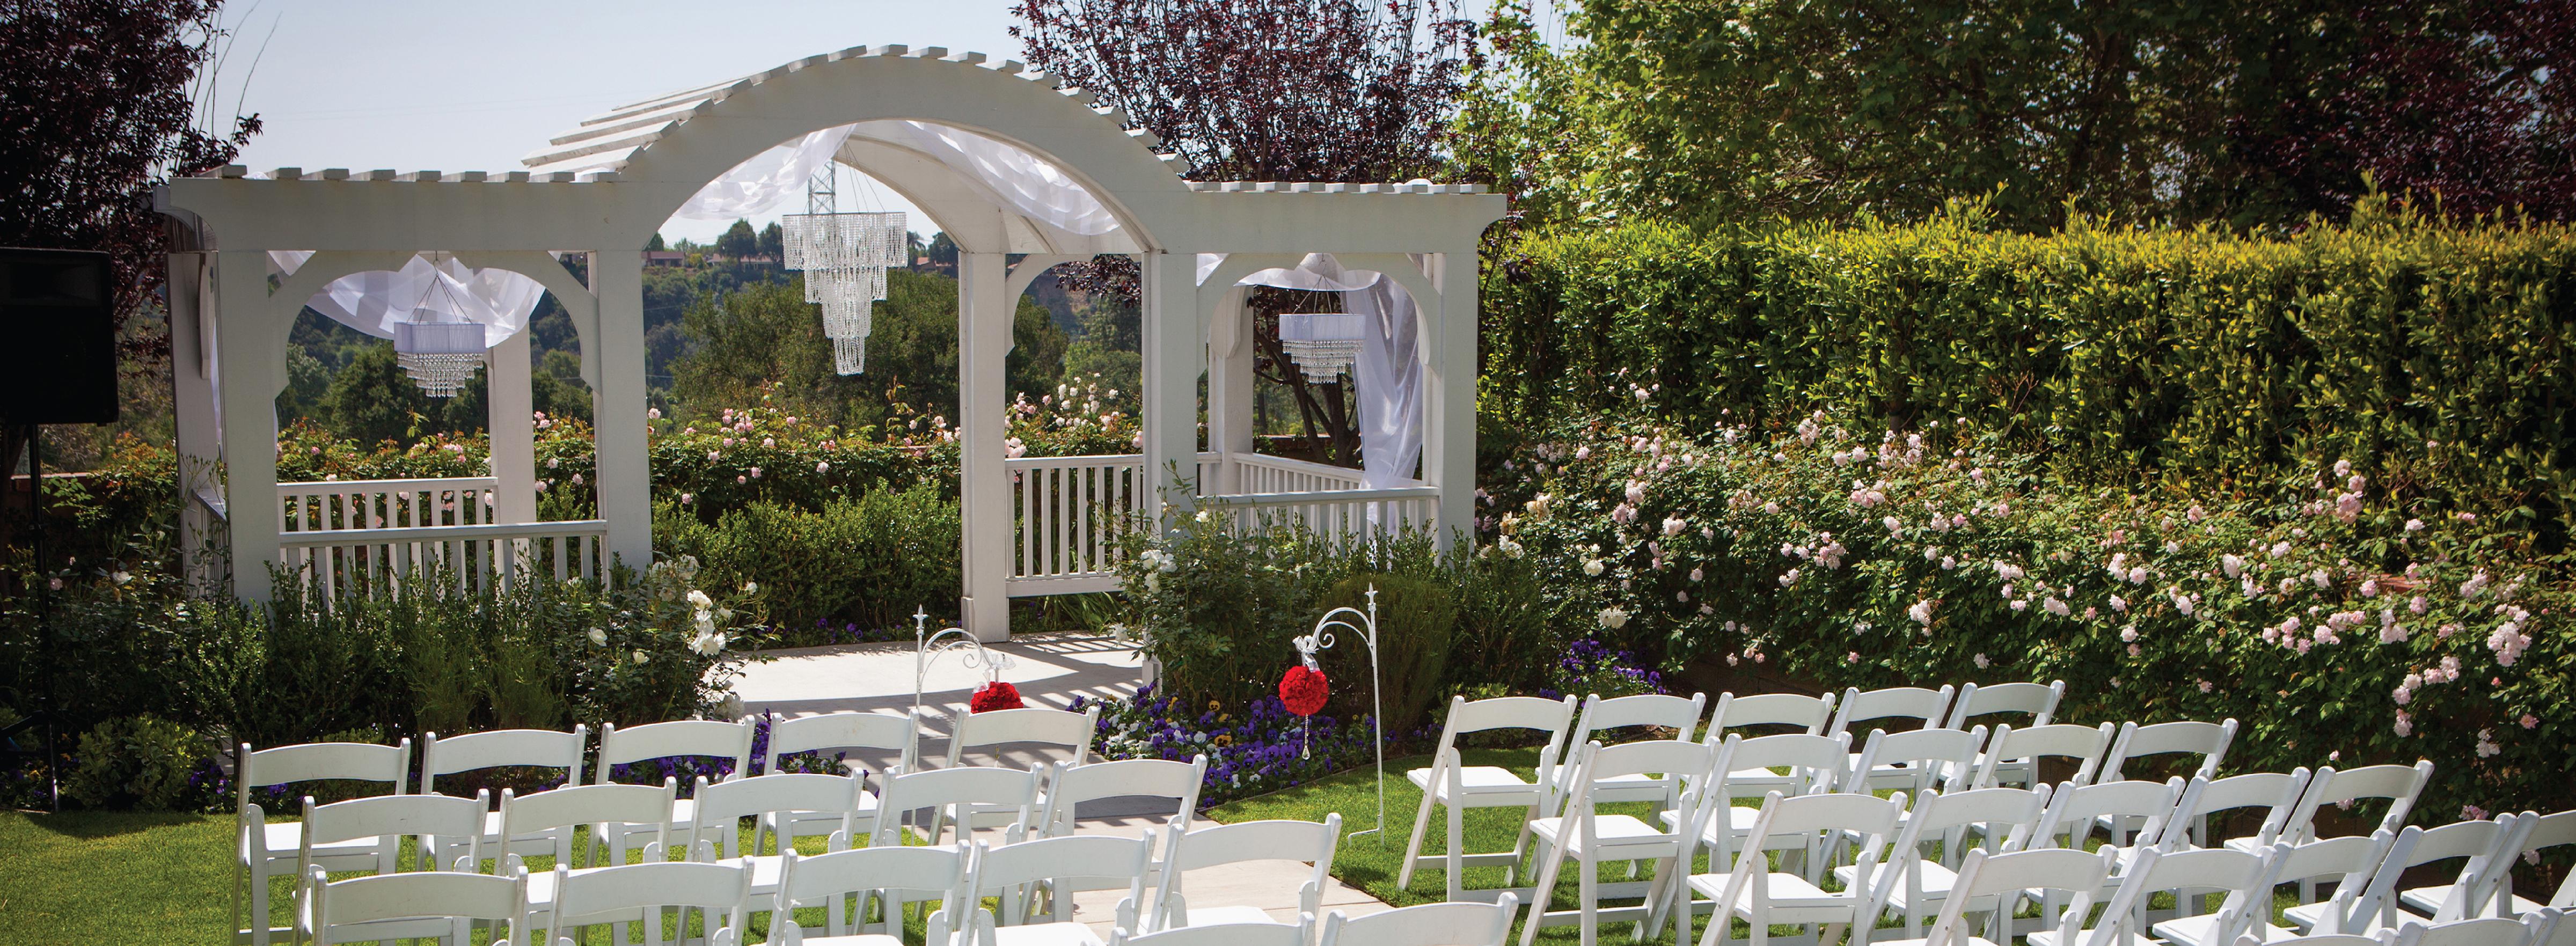 Backyard Wedding Locations san dimas wedding venues| san gabriel valley receptions